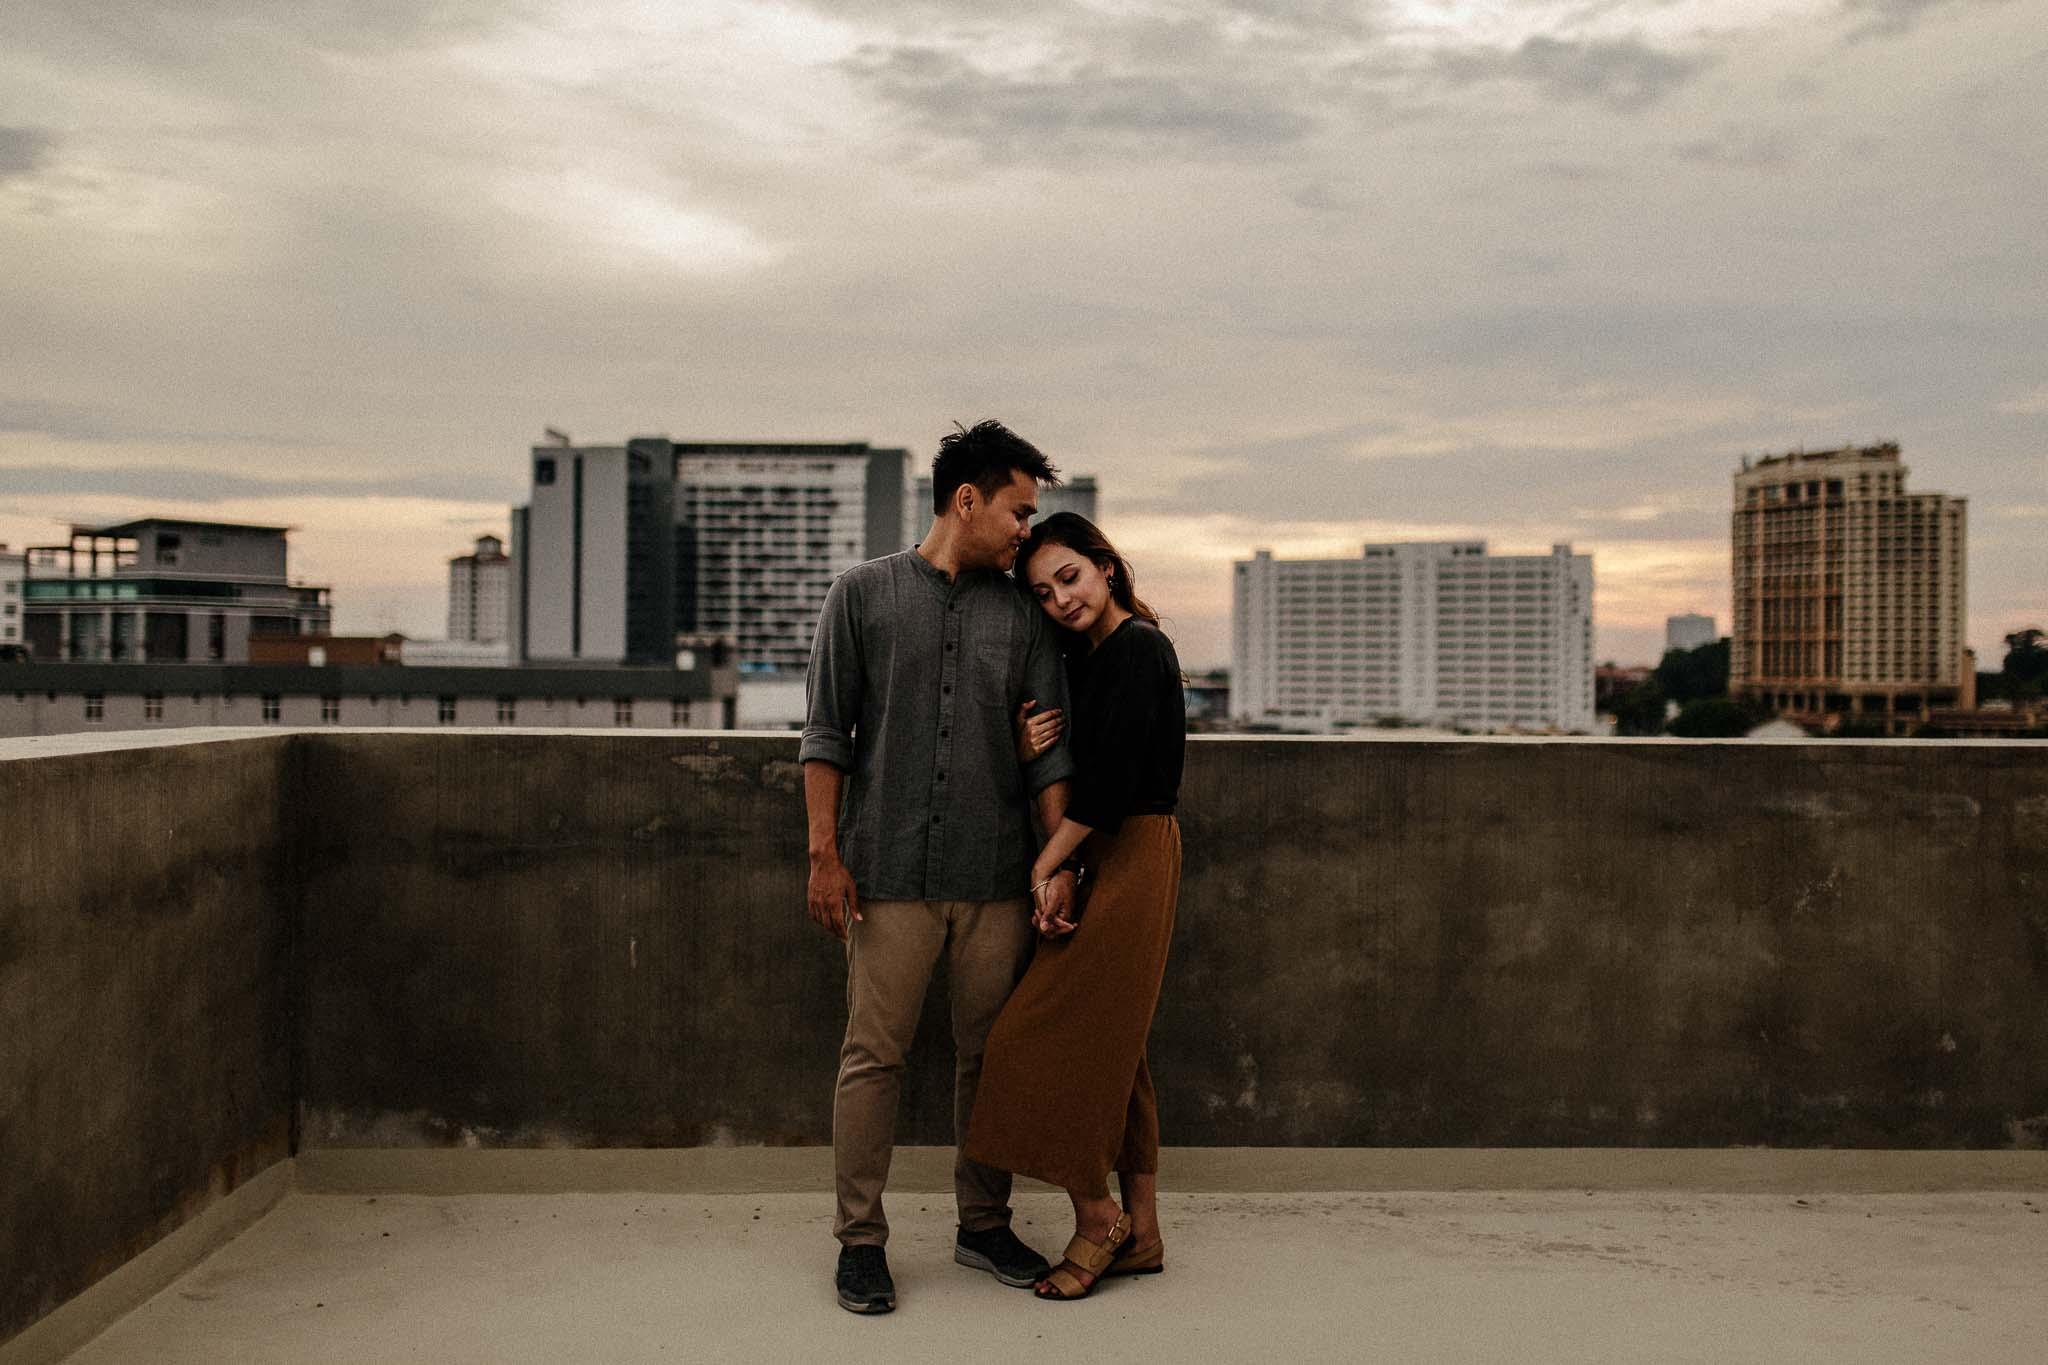 qila&elyas-weddingsbyqay-lovesession (215 of 297).jpg